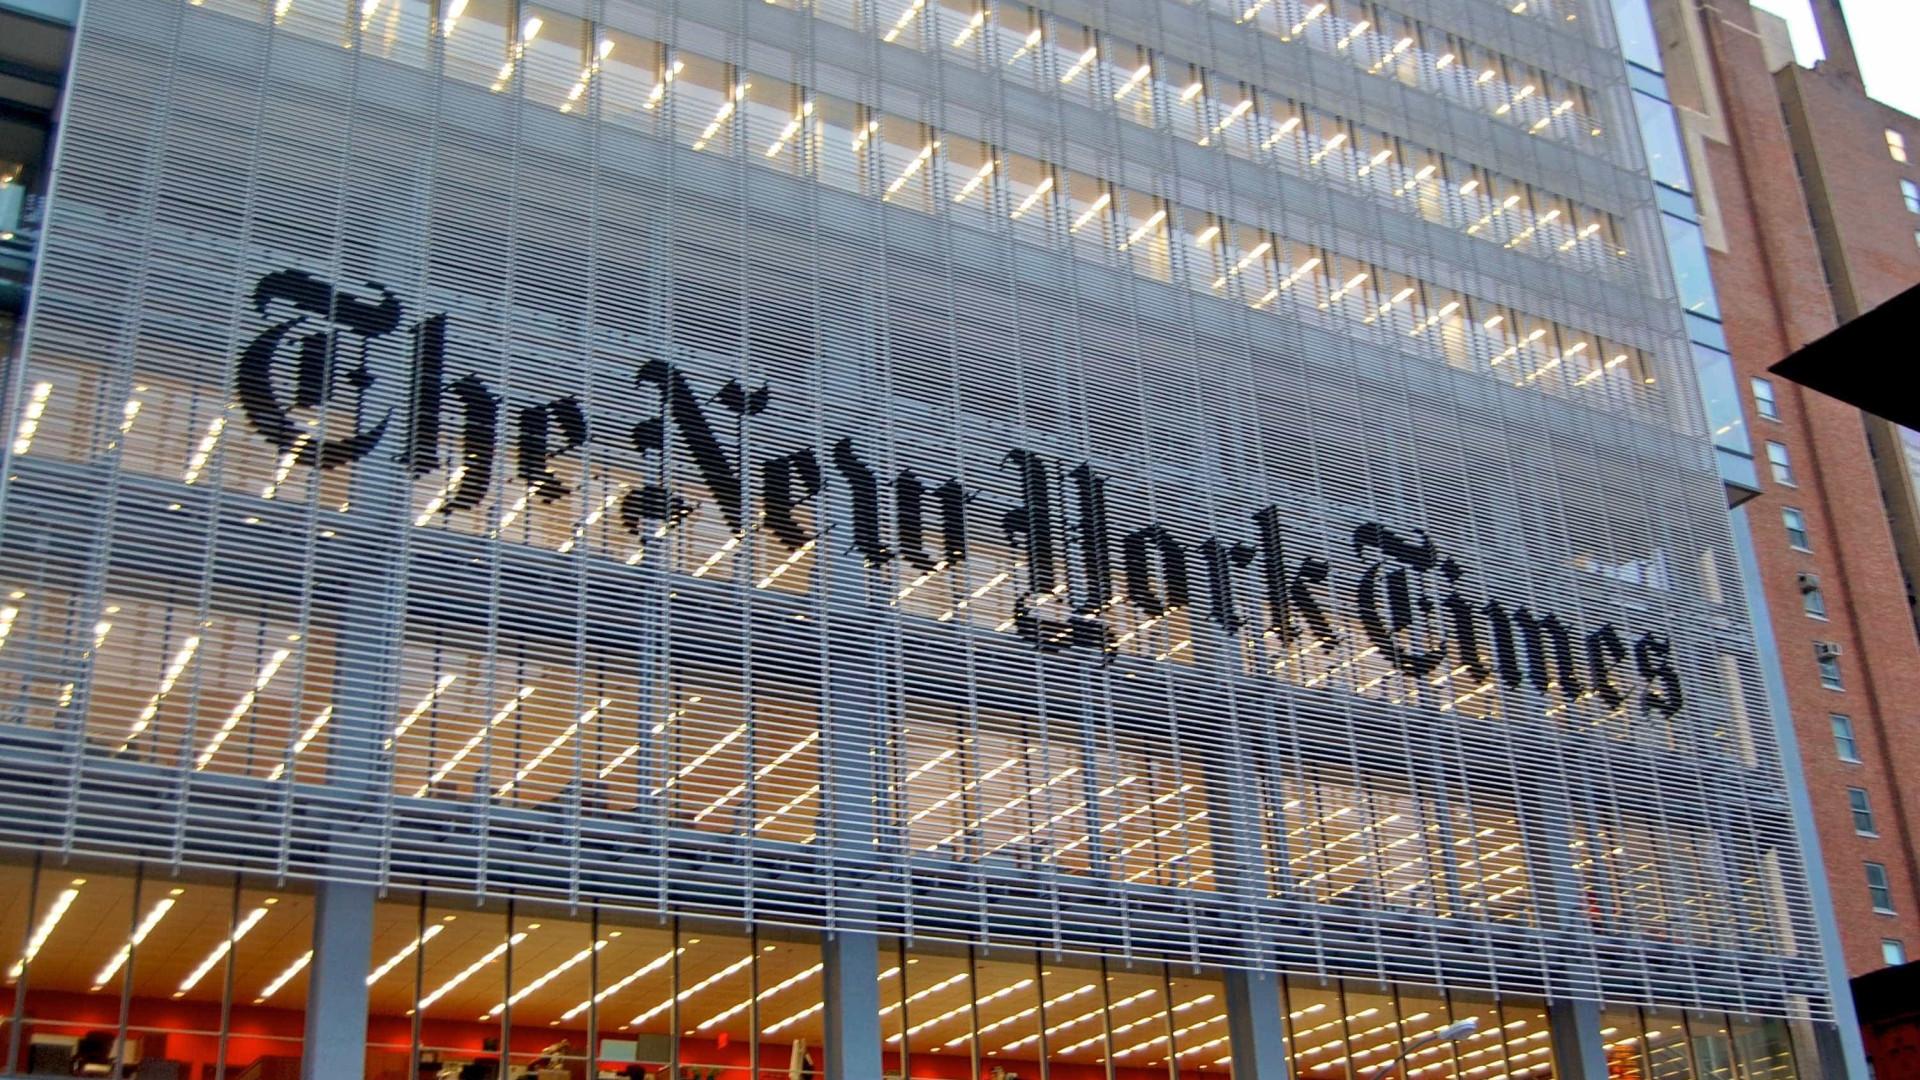 15 mil doam assinatura digital do 'NYT' a 1,3 mi de alunos nos EUA